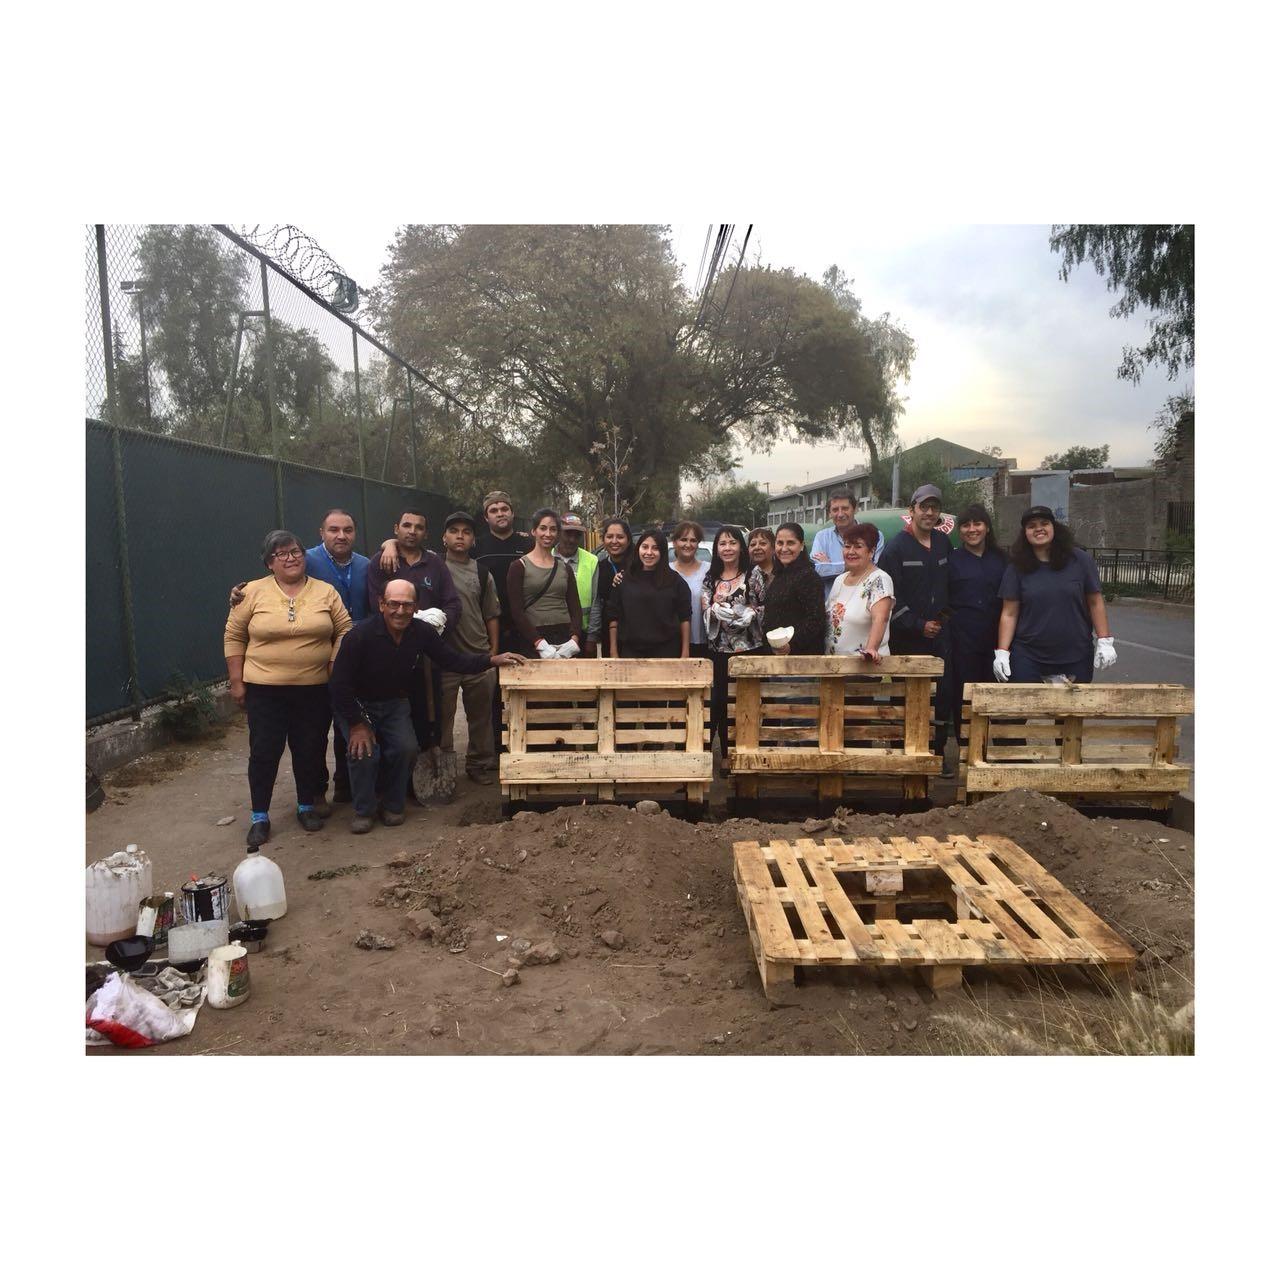 Lanzamiento proyecto reciclaje inclusivo